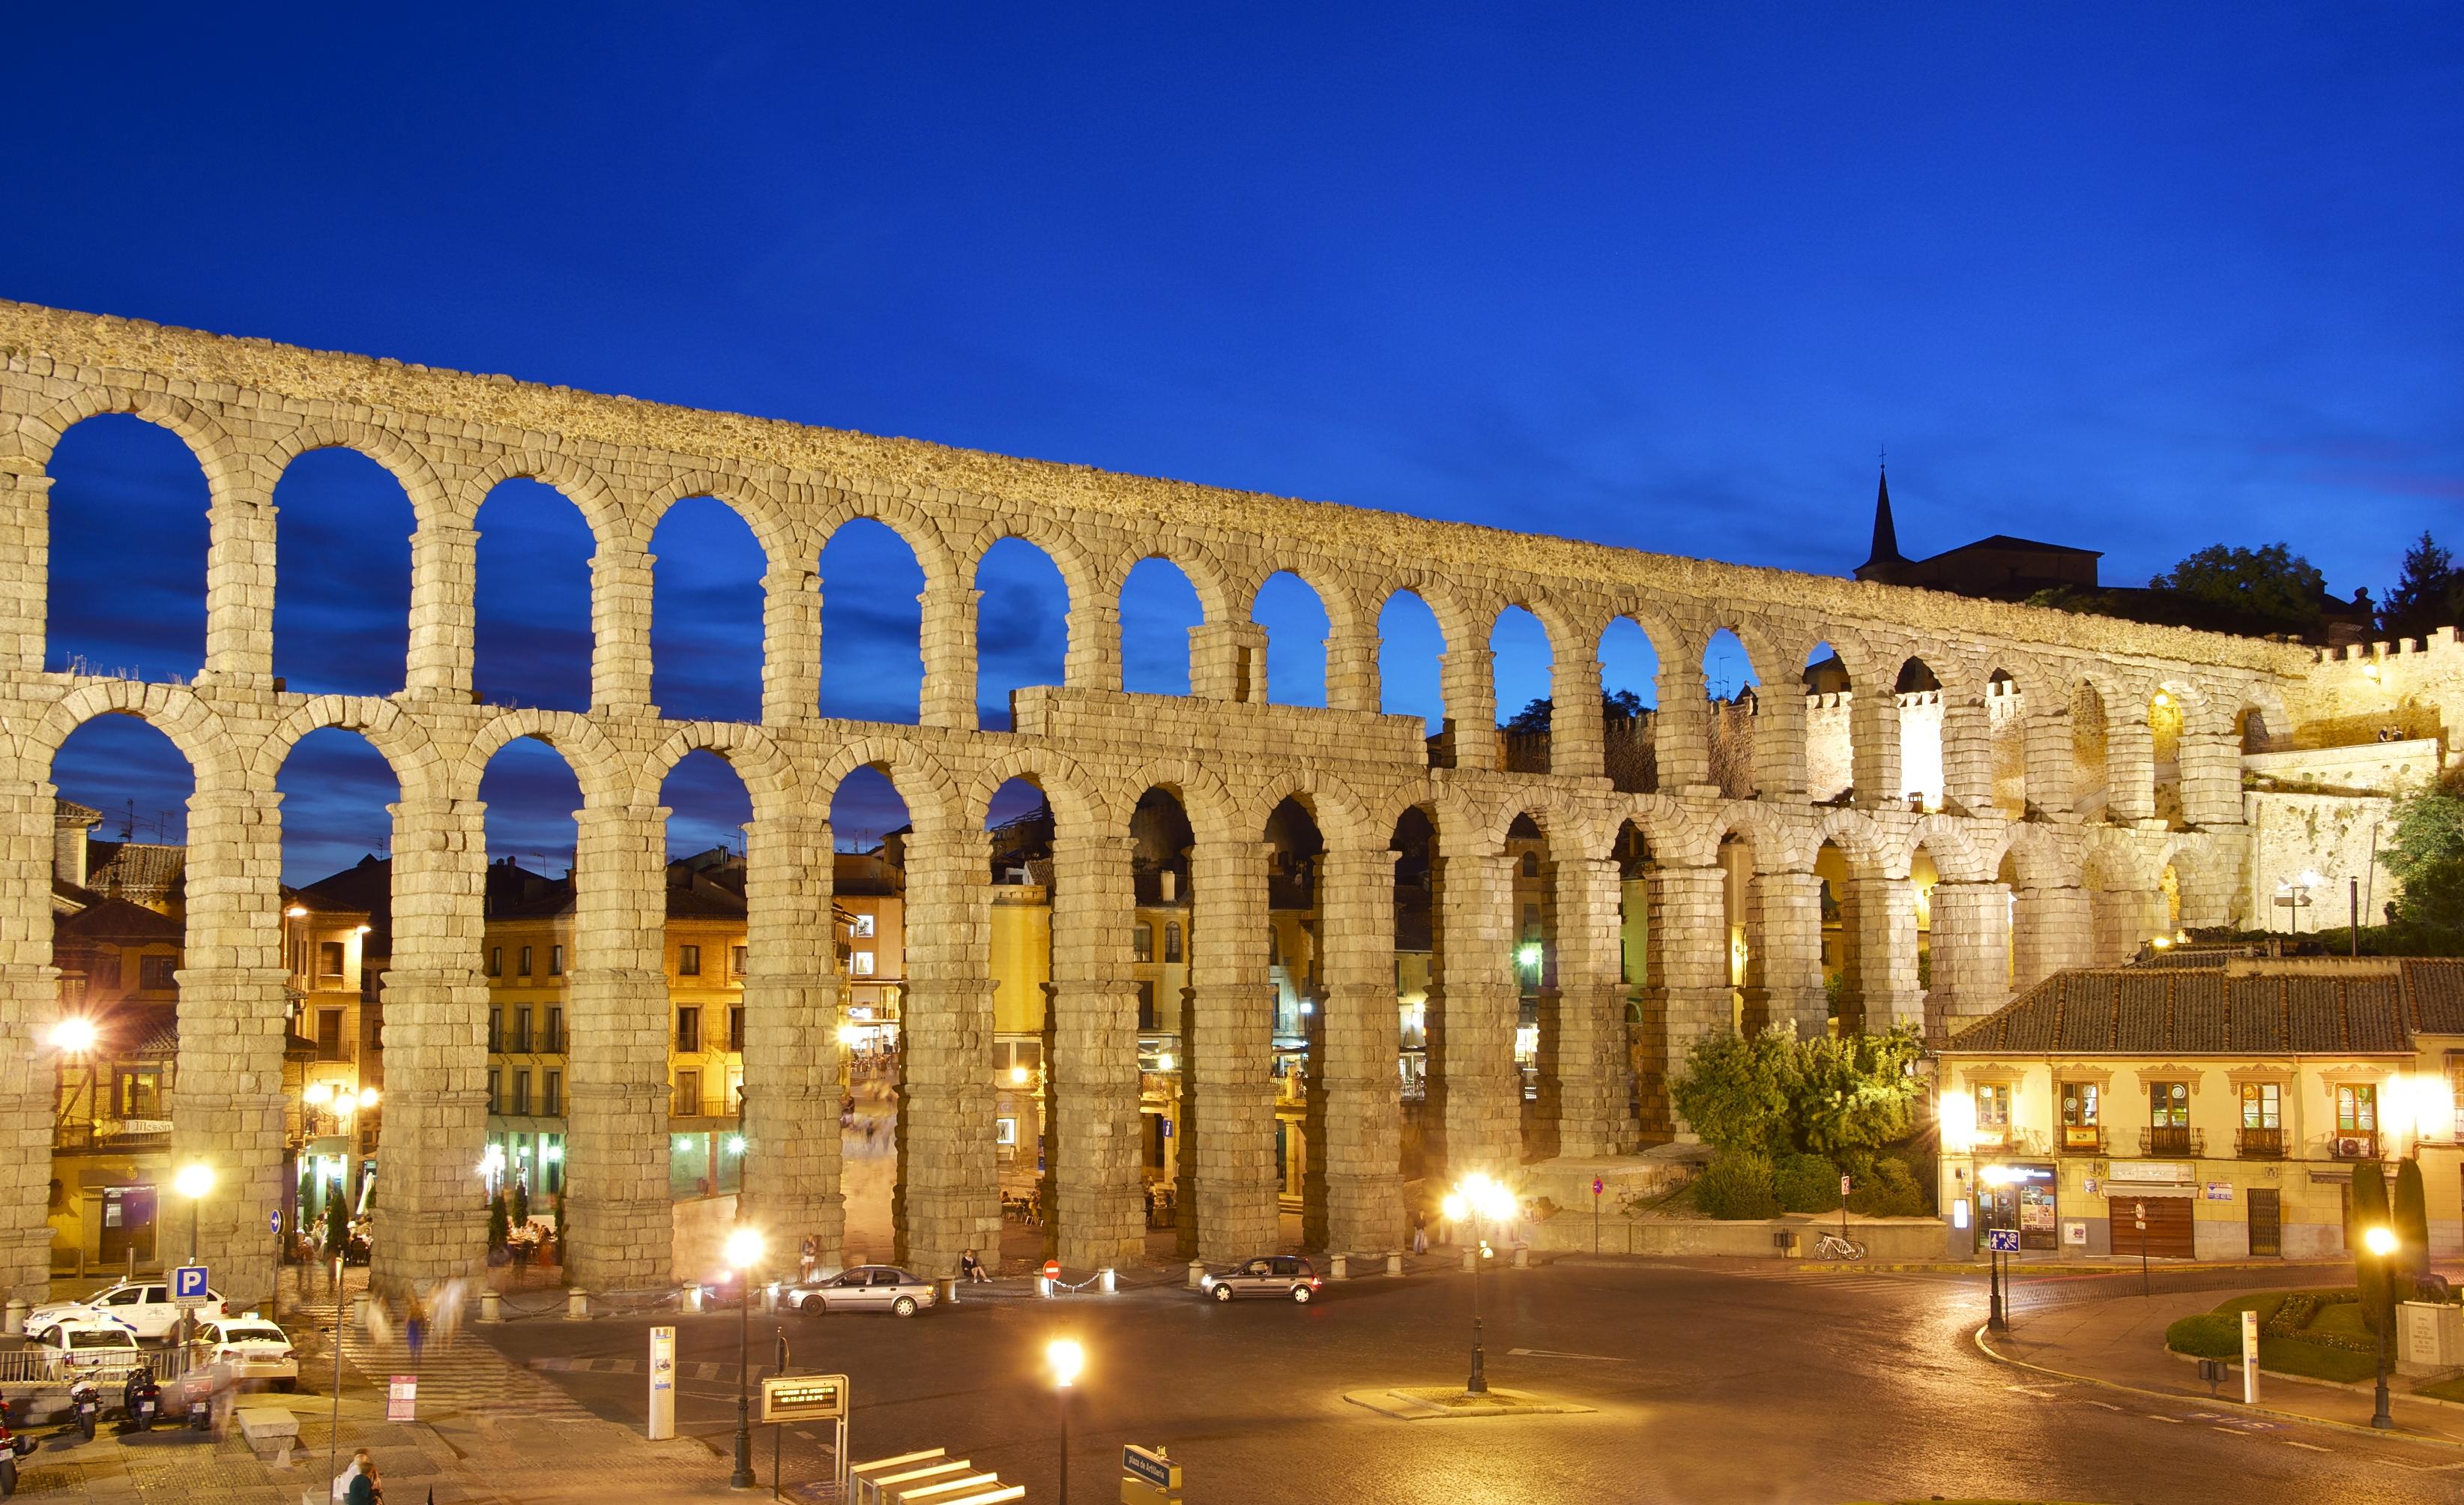 Opinions on Aqueduct of Segovia